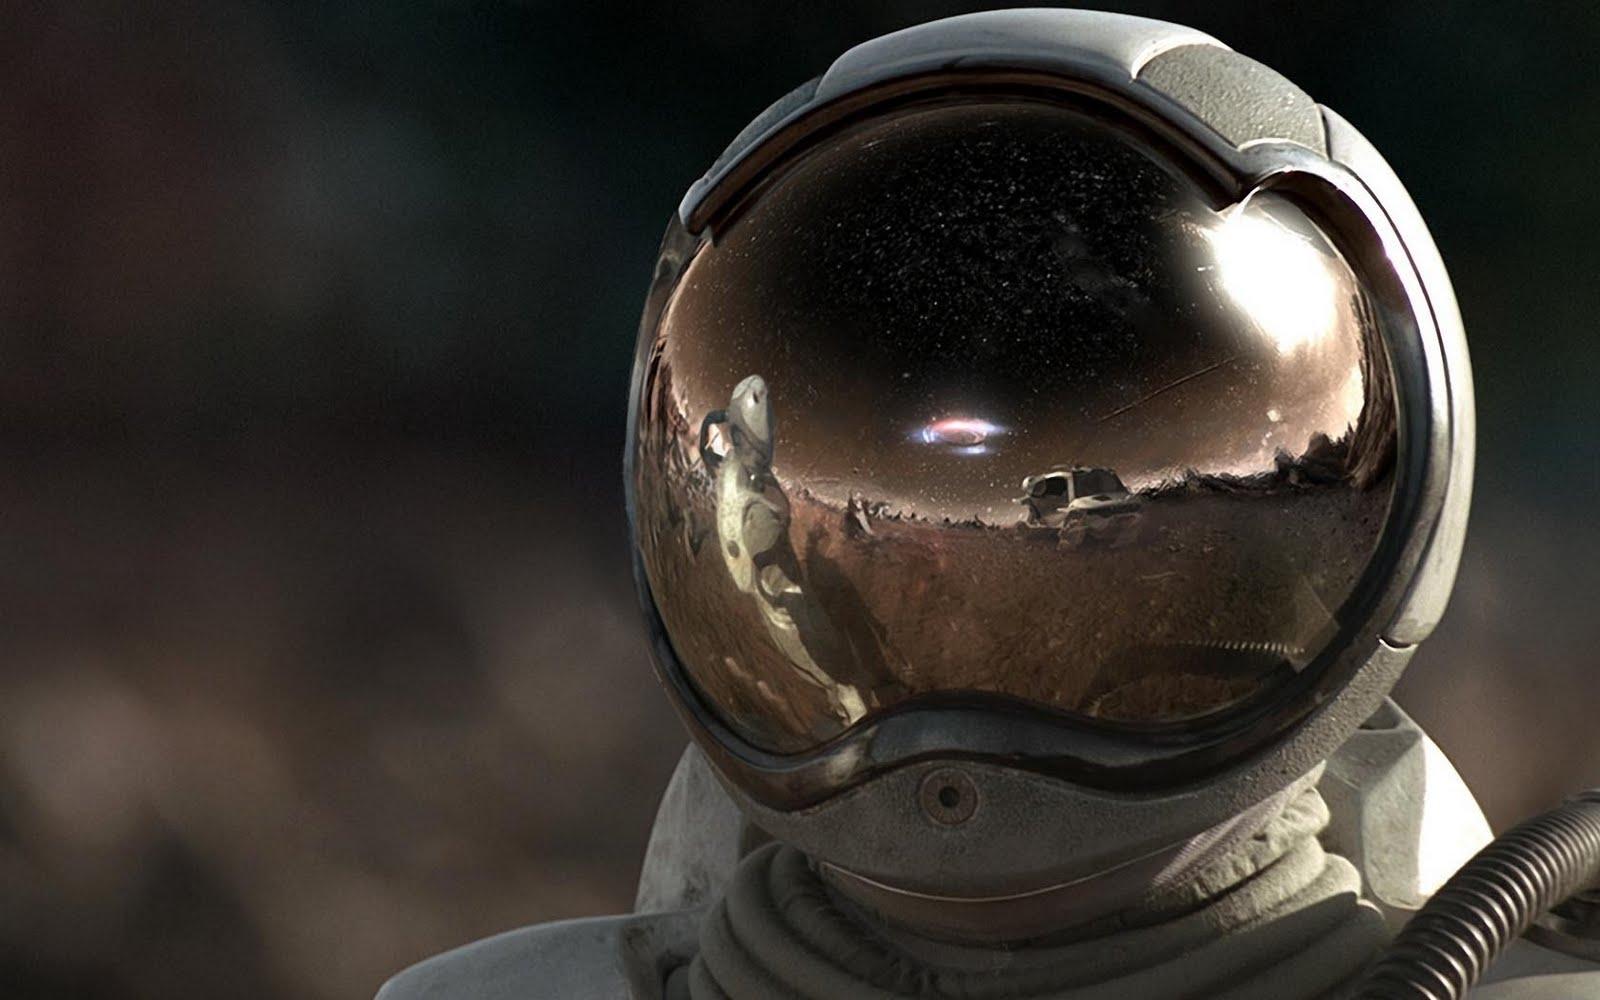 http://2.bp.blogspot.com/_HvJ_NcfG-ik/SwhxxJNvvnI/AAAAAAAALMU/OEKAU0bvNtU/s1600/casco_de_astronauta_reflejo_wallpaper.jpg